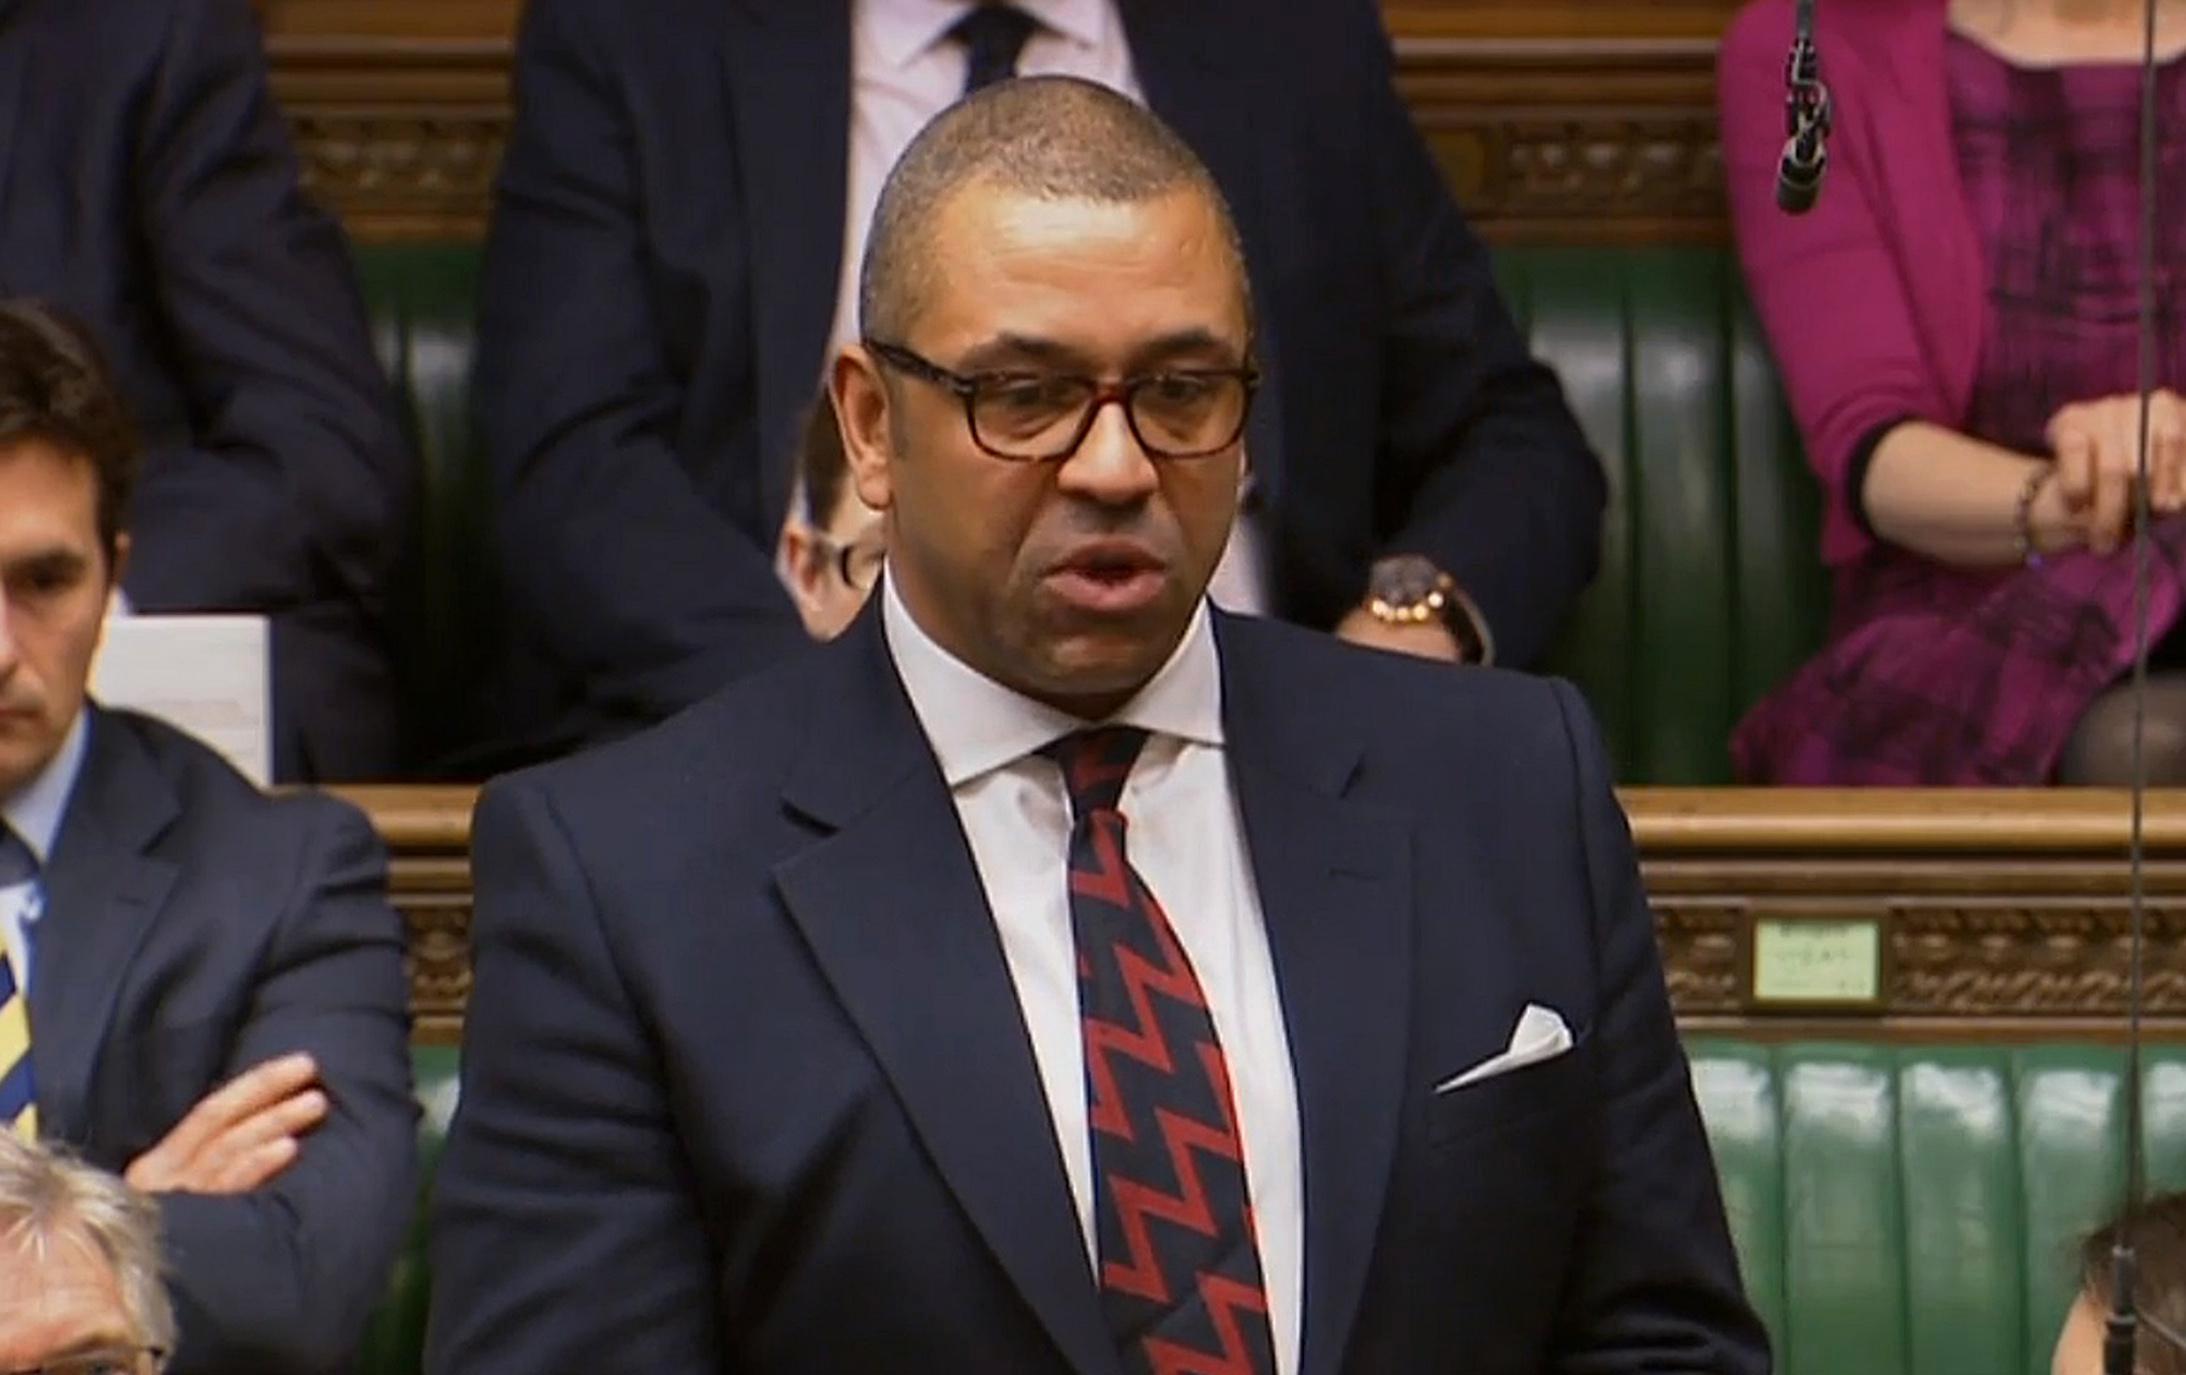 مسؤول بريطاني: المملكة المتحدة تراقب عن كثب الوضع في الصحراء الغربية وتؤكد دعمها لحل يمكن الشعب الصحراوي من ممارسة حقه في تقرير المصير